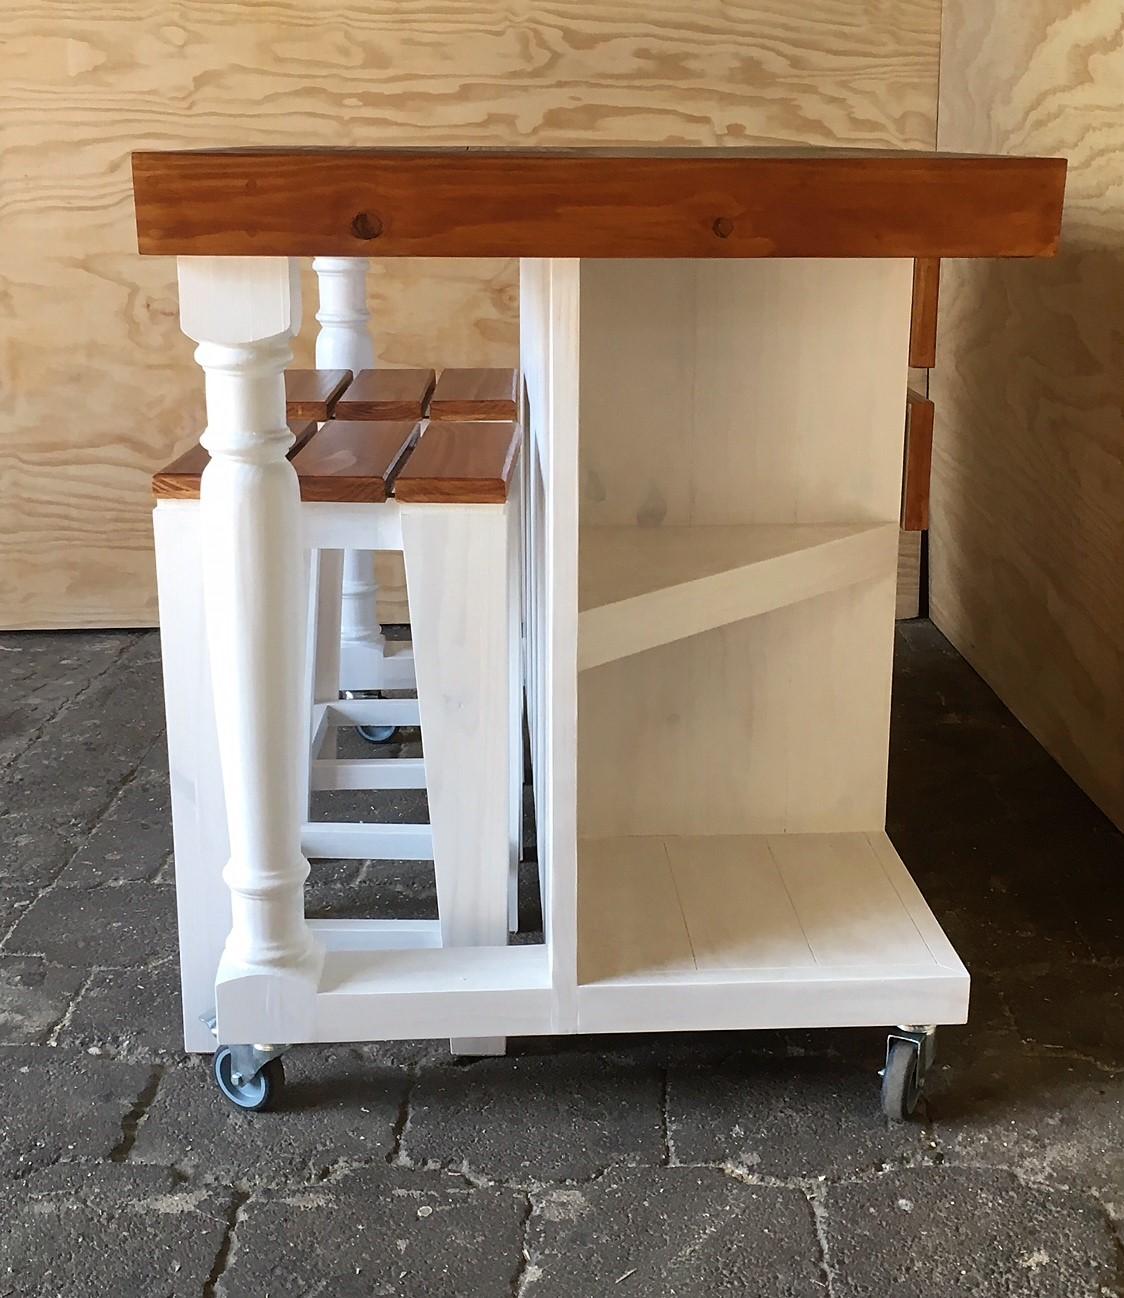 Kitchen Island Farmhouse Elegant series 1200 version 2 Combo - Two tone